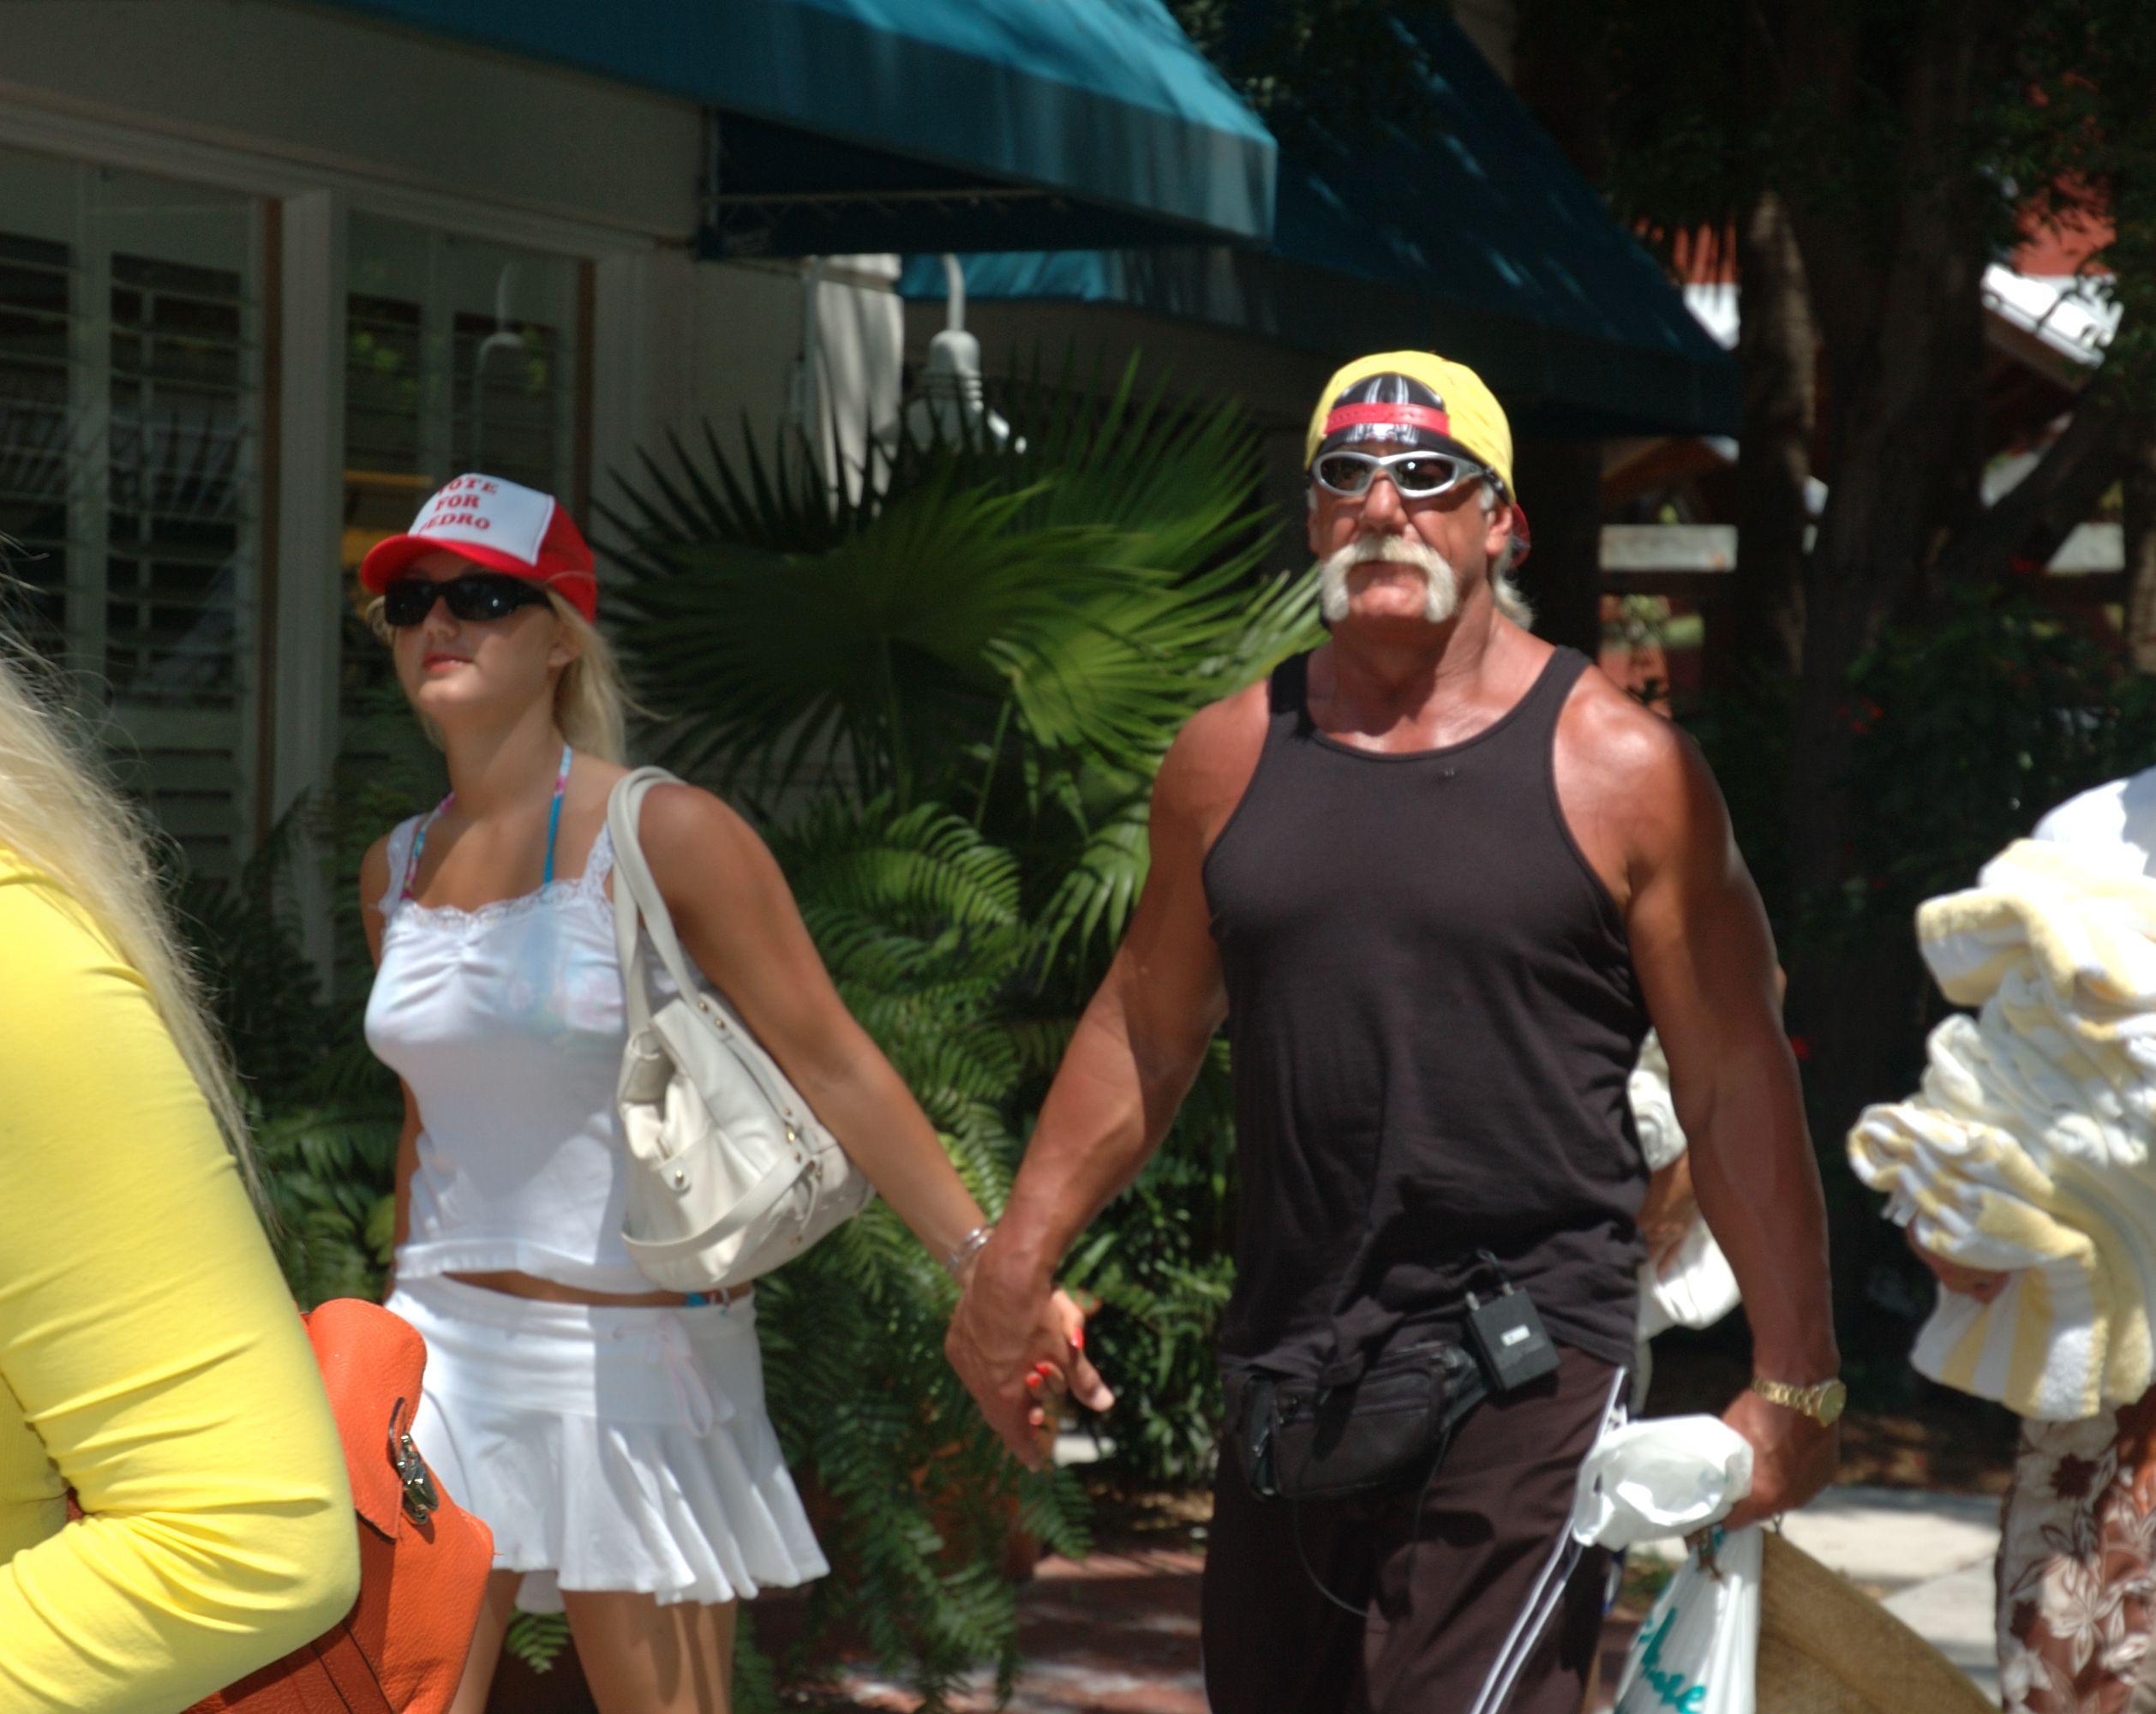 6. Hulk Hogan